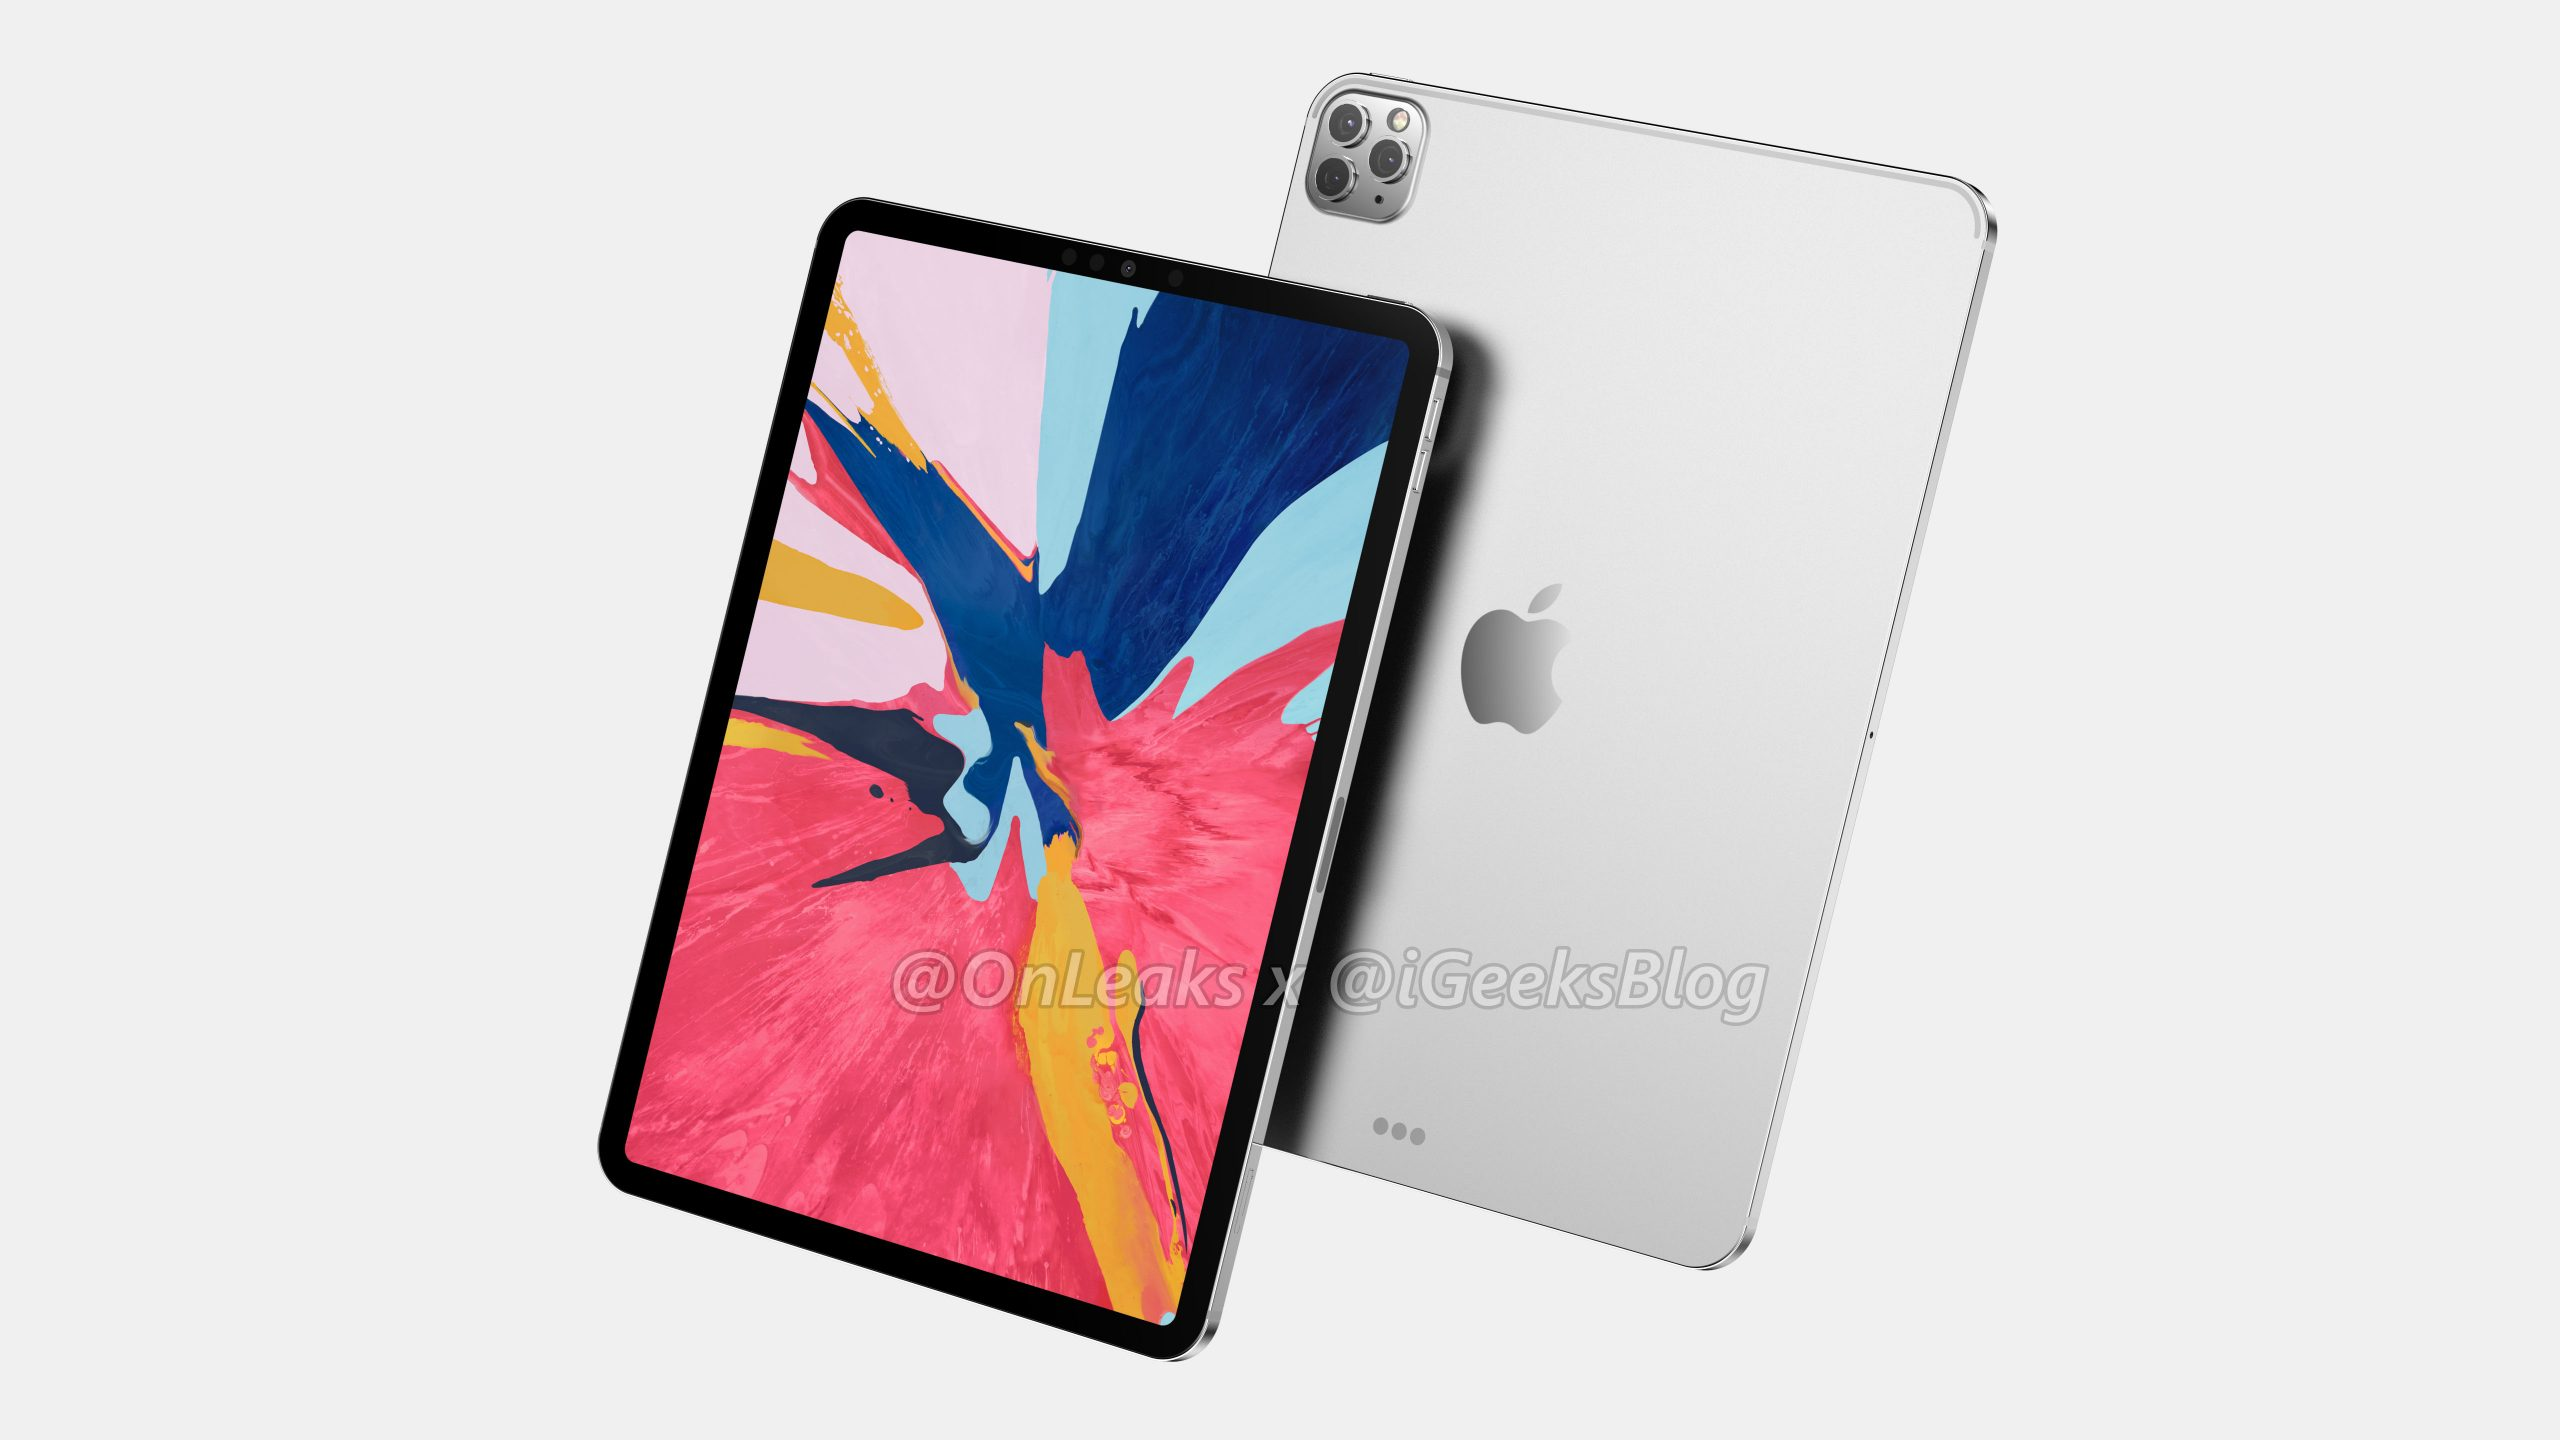 iPad Pro 2020 sẽ có hai phiên bản, một phiên bản sẽ ra mắt cùng với iPhone SE 2 (iPhone 9) vào tháng 3 tới